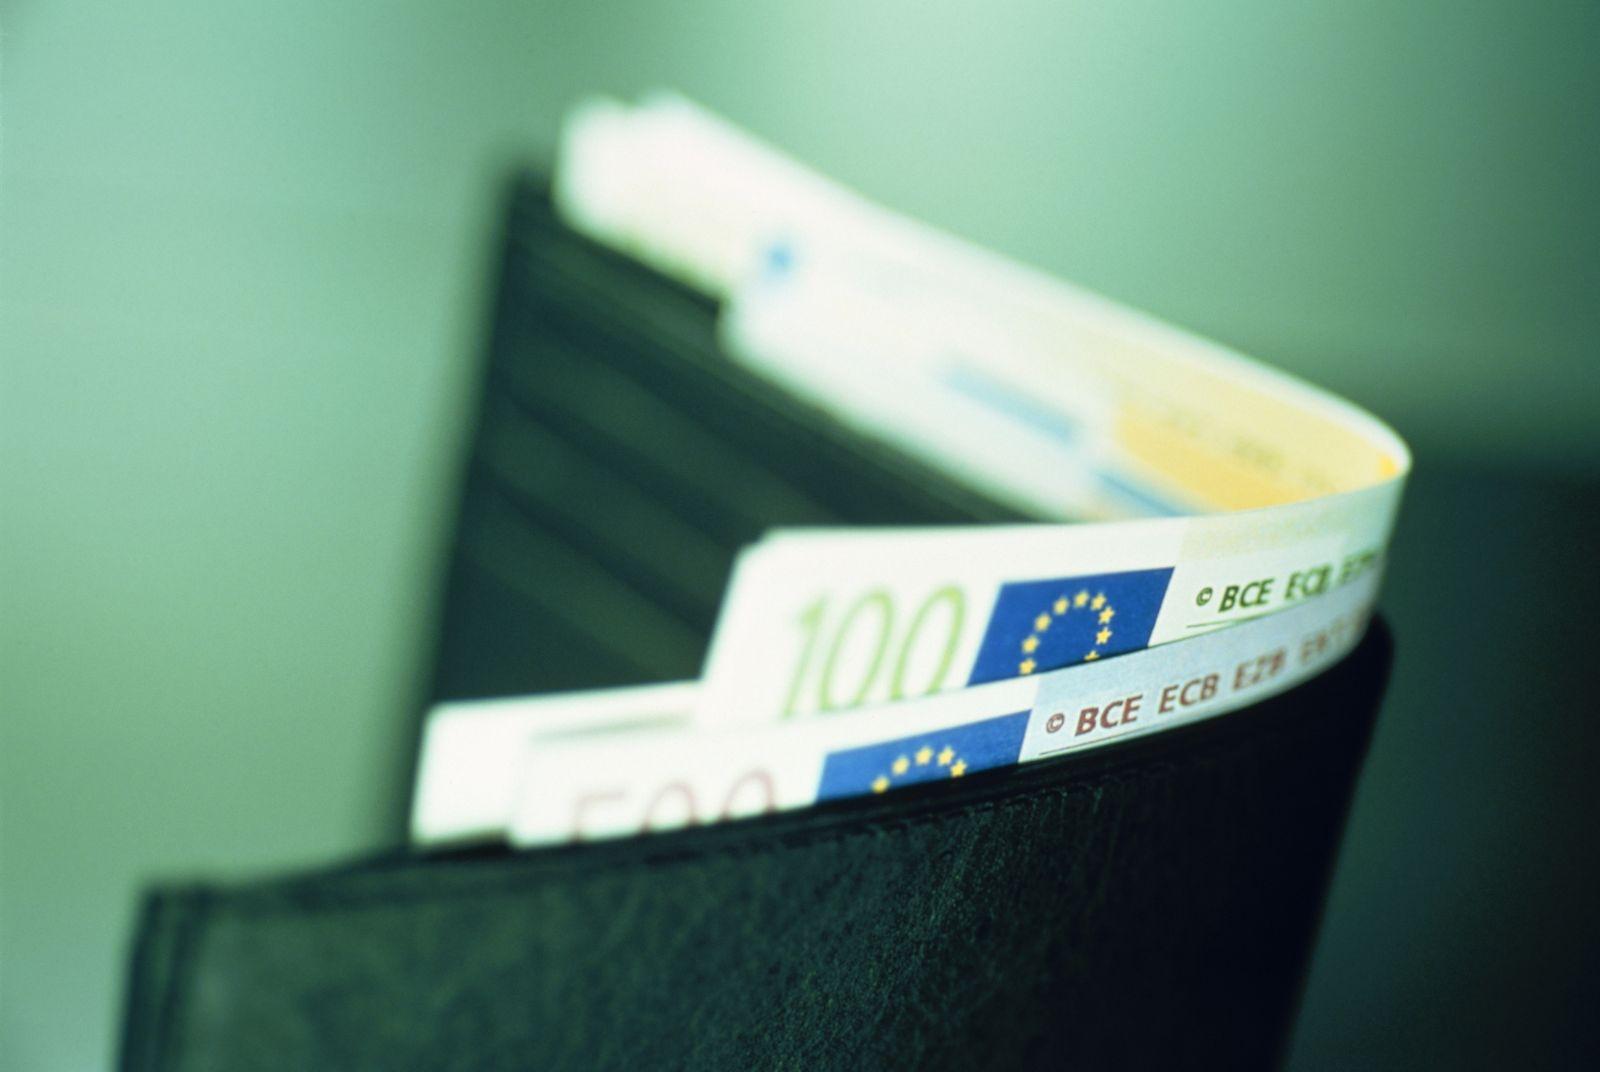 NICHT MEHR VERWENDEN! - THEMA mmO: Gehaltsreport / Portemonnaie / Geldscheine / Euro